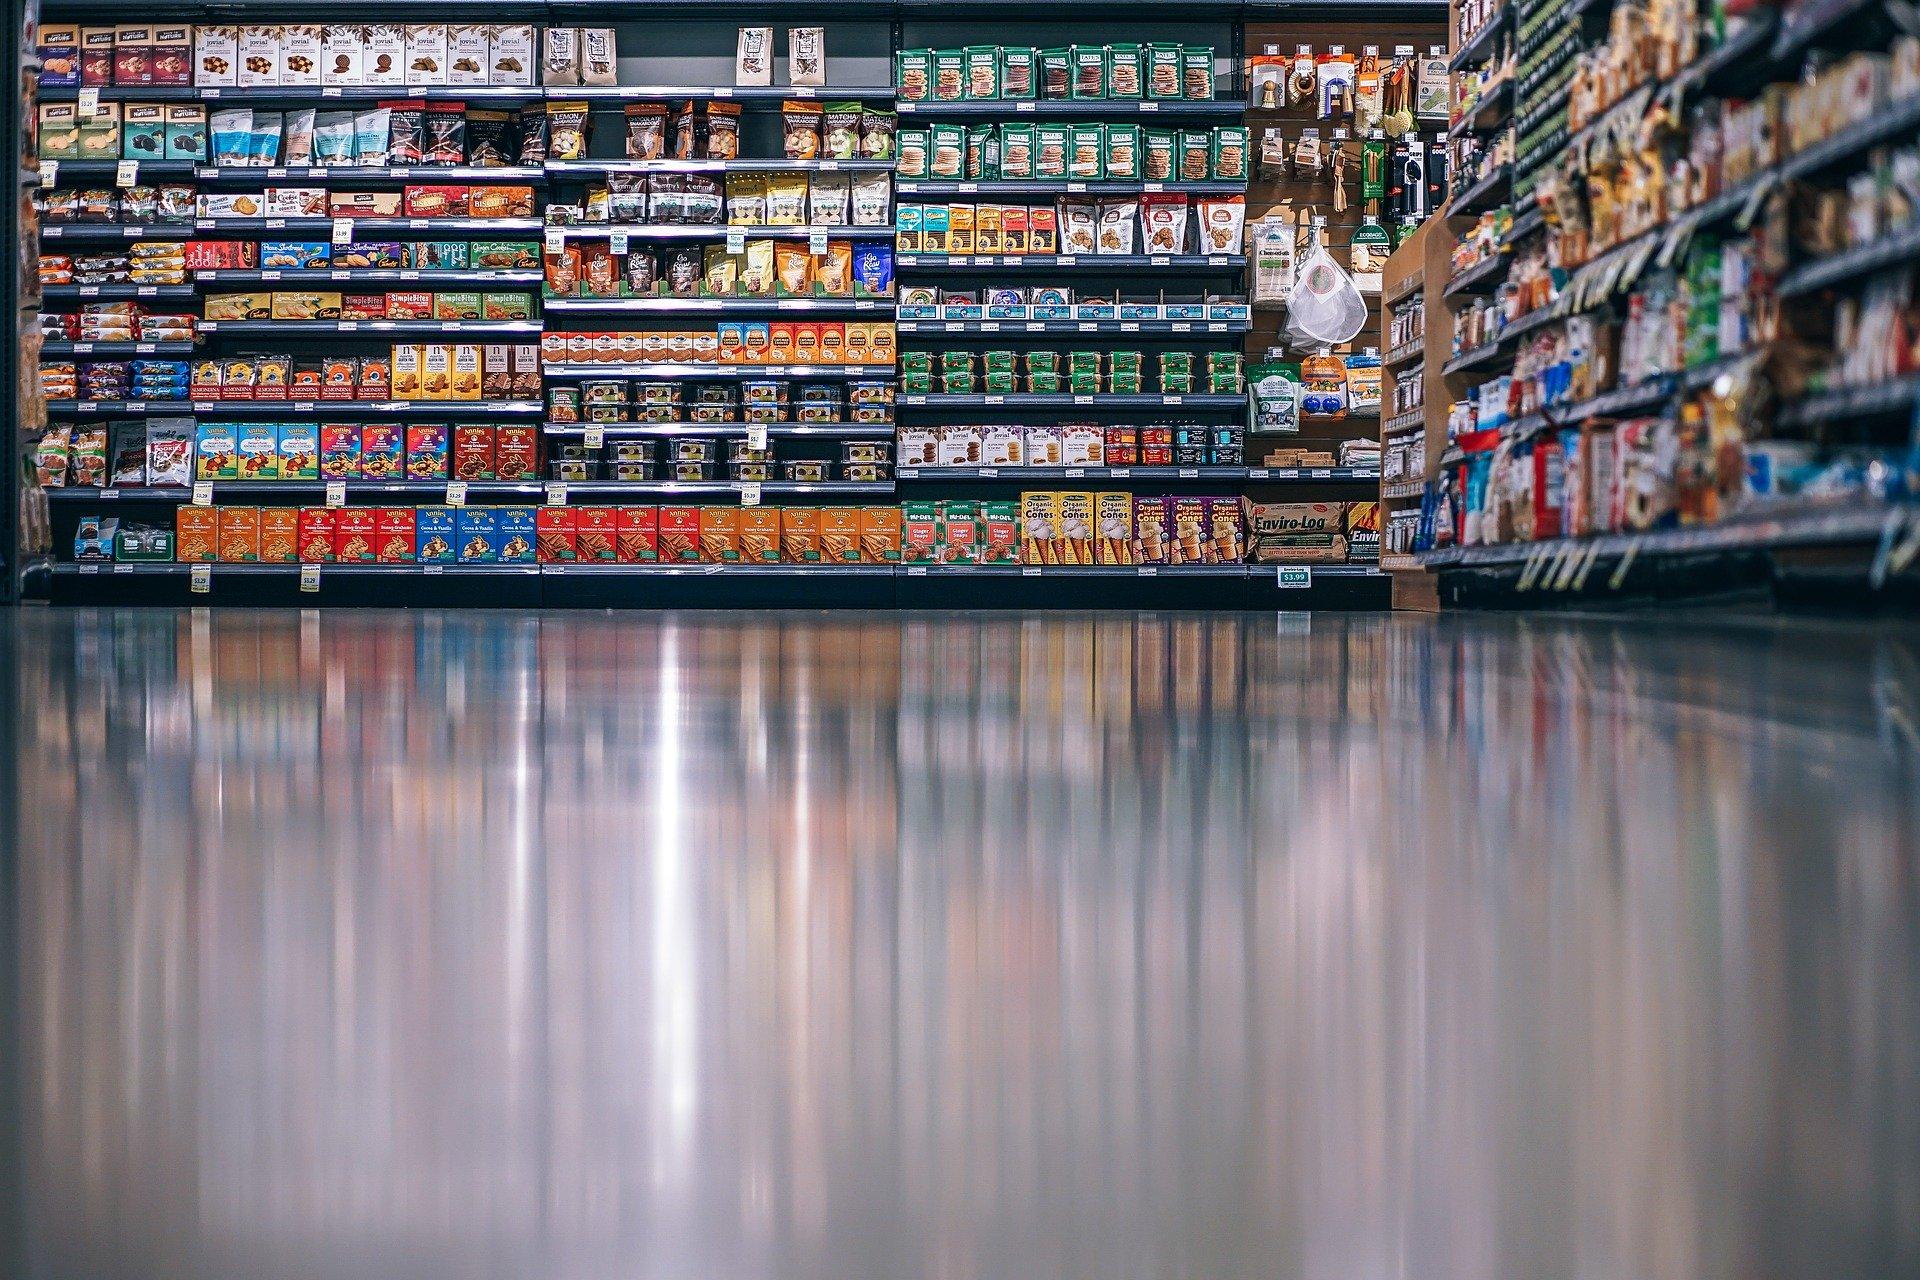 Der Lebensmitteleinkauf der Zukunft